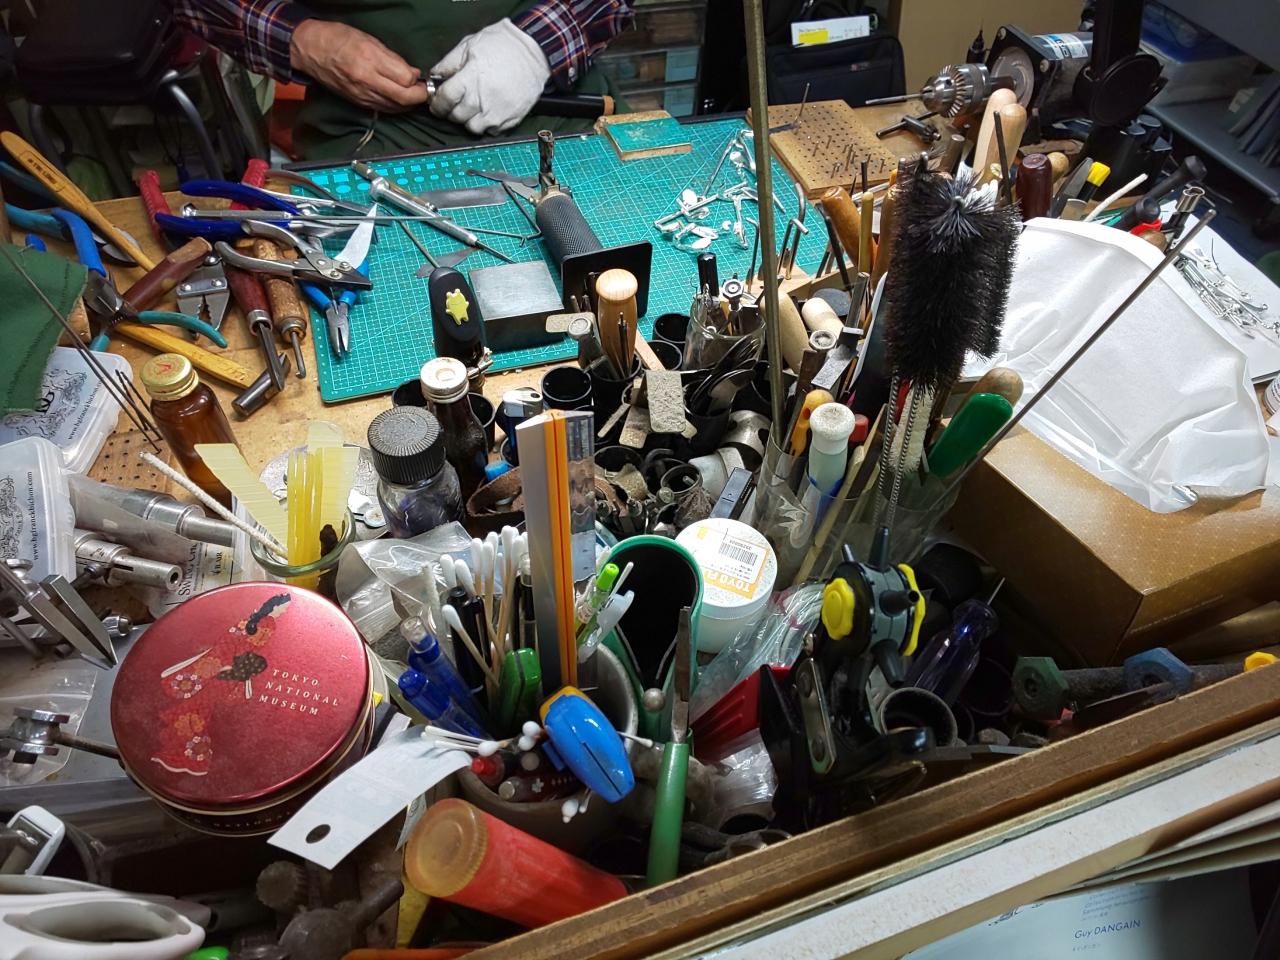 リペア職人の机と道具類